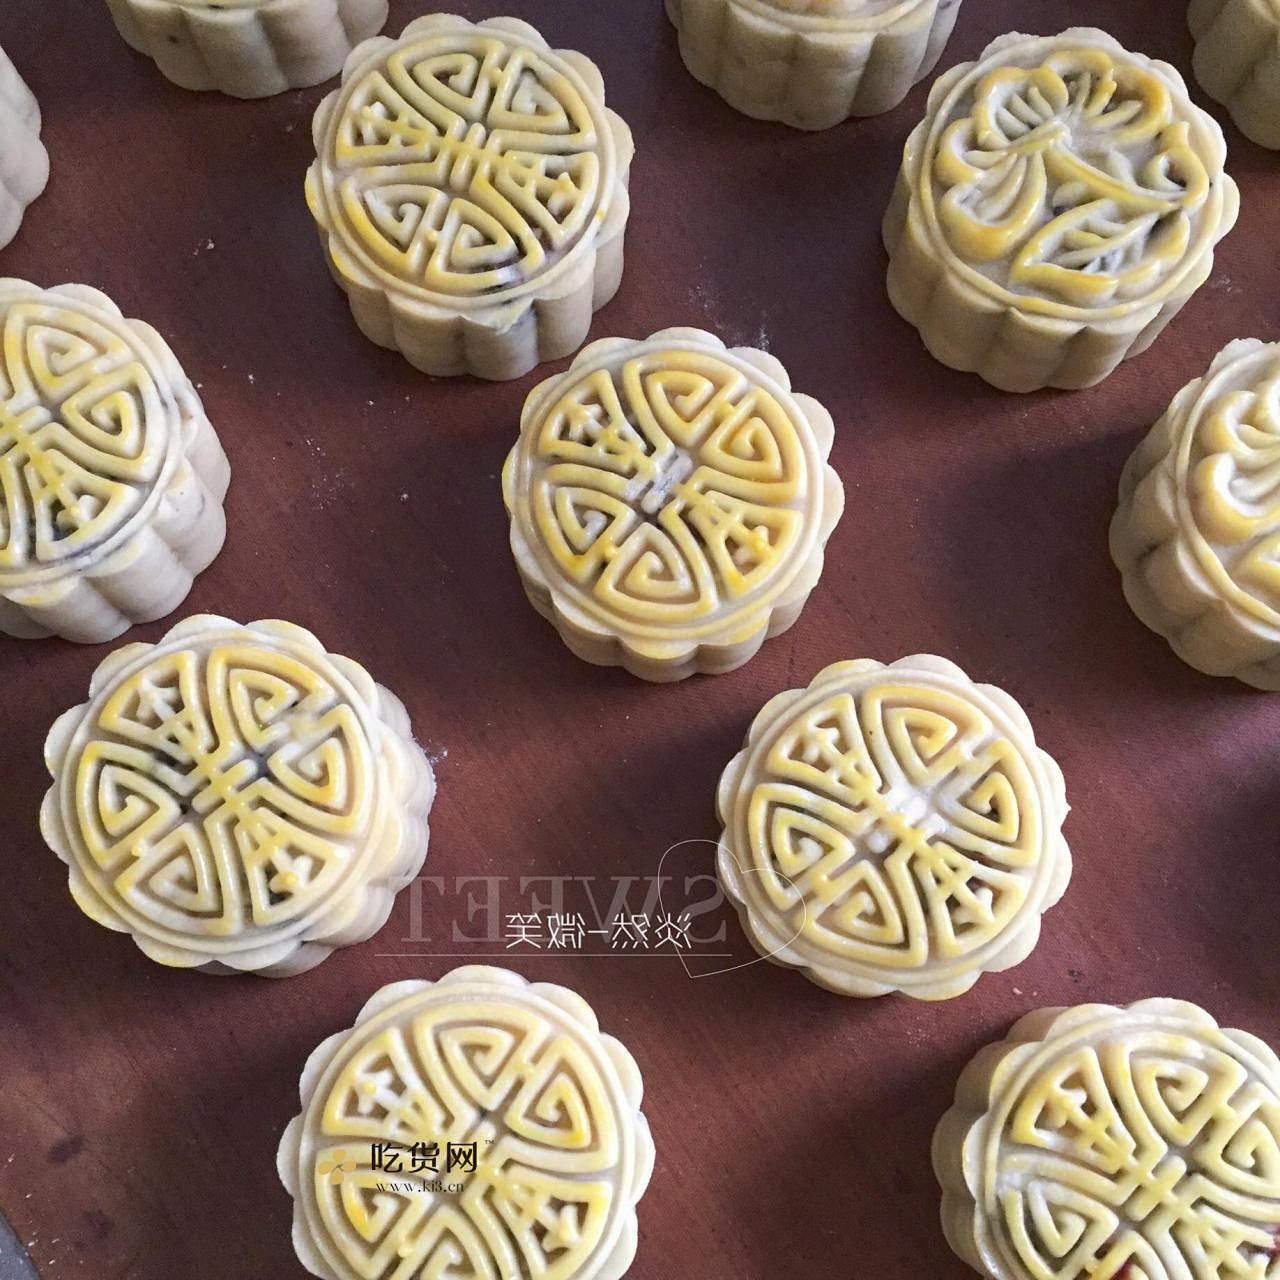 广式五仁月饼蜂蜜版(不用转化糖浆)的做法 步骤12